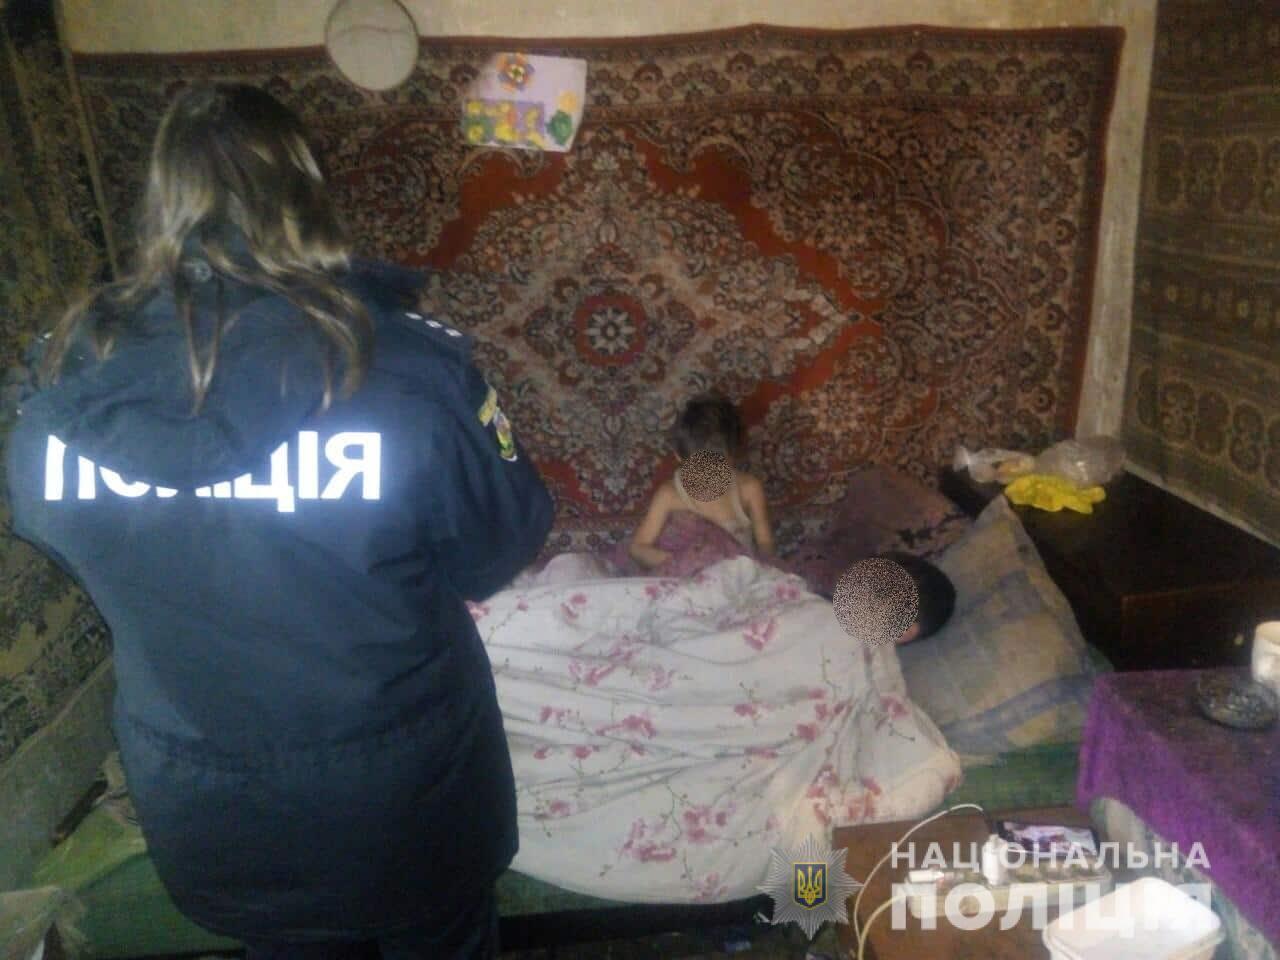 На Киевщине несколько маленьких детей попали в ужасную беду